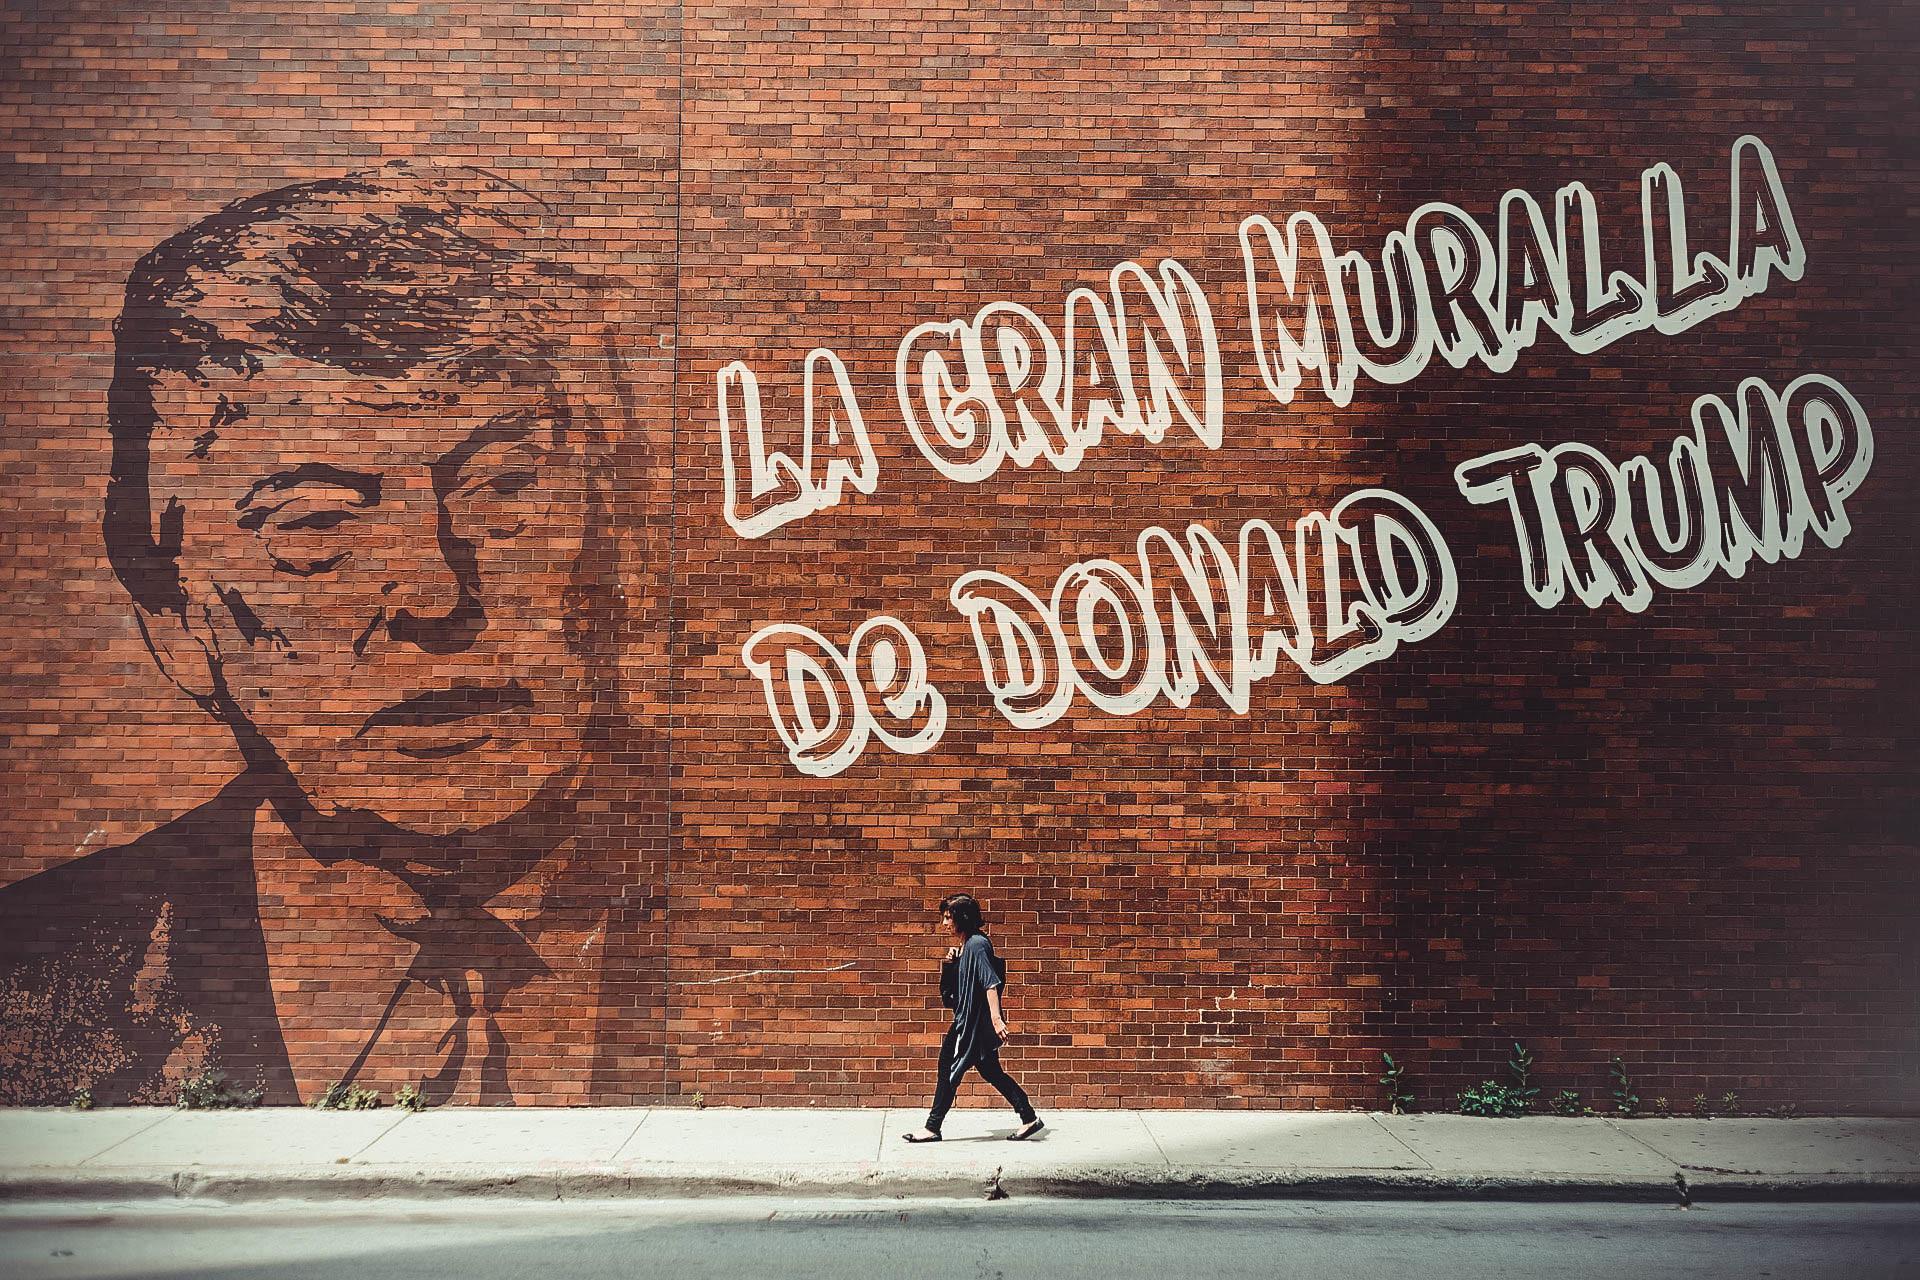 La Gran Muralla de Donald Trump: Causas, consecuencias y efectos